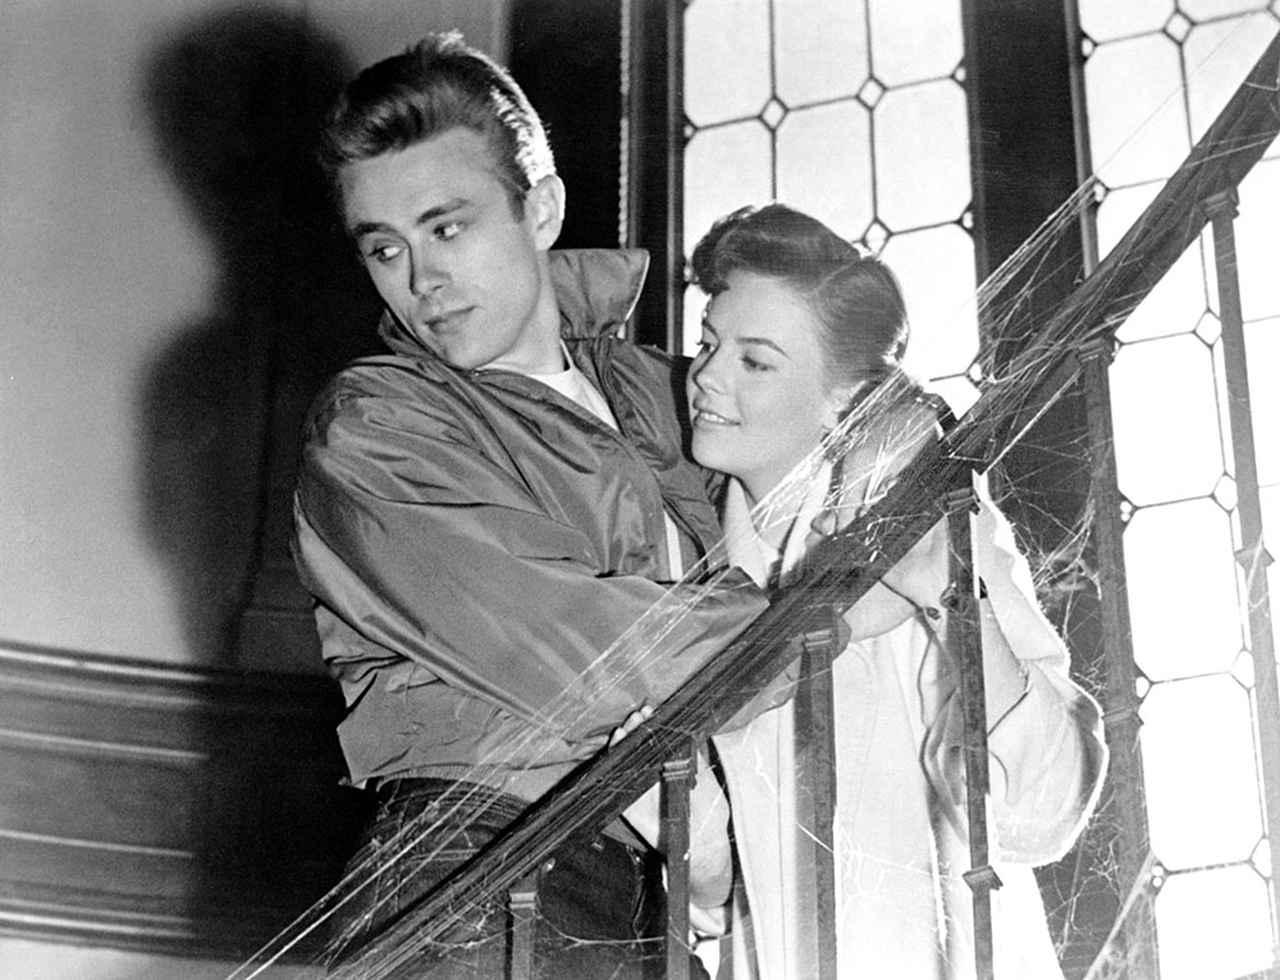 画像: © 1955 Warner Bros. Entertainment Inc. All rights reserved.